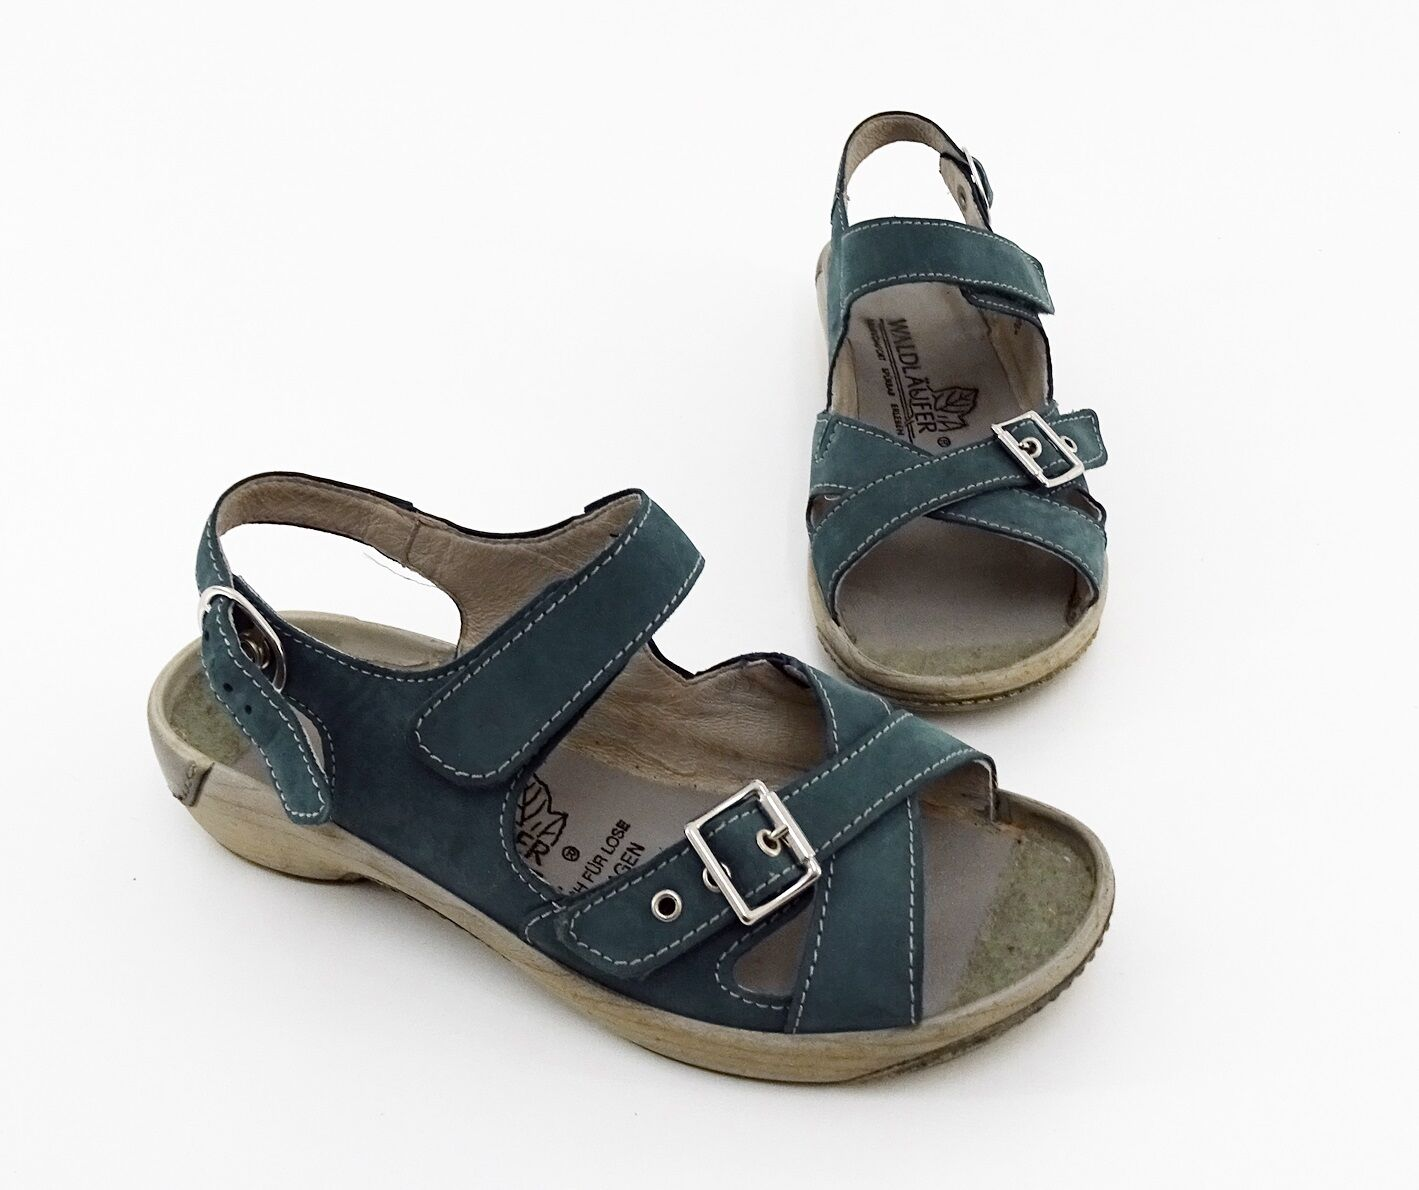 Confort sandalias bosque alfil velcro cuero genuino azul azul azul Gr. 4,5 = 37,5 H  mejor calidad